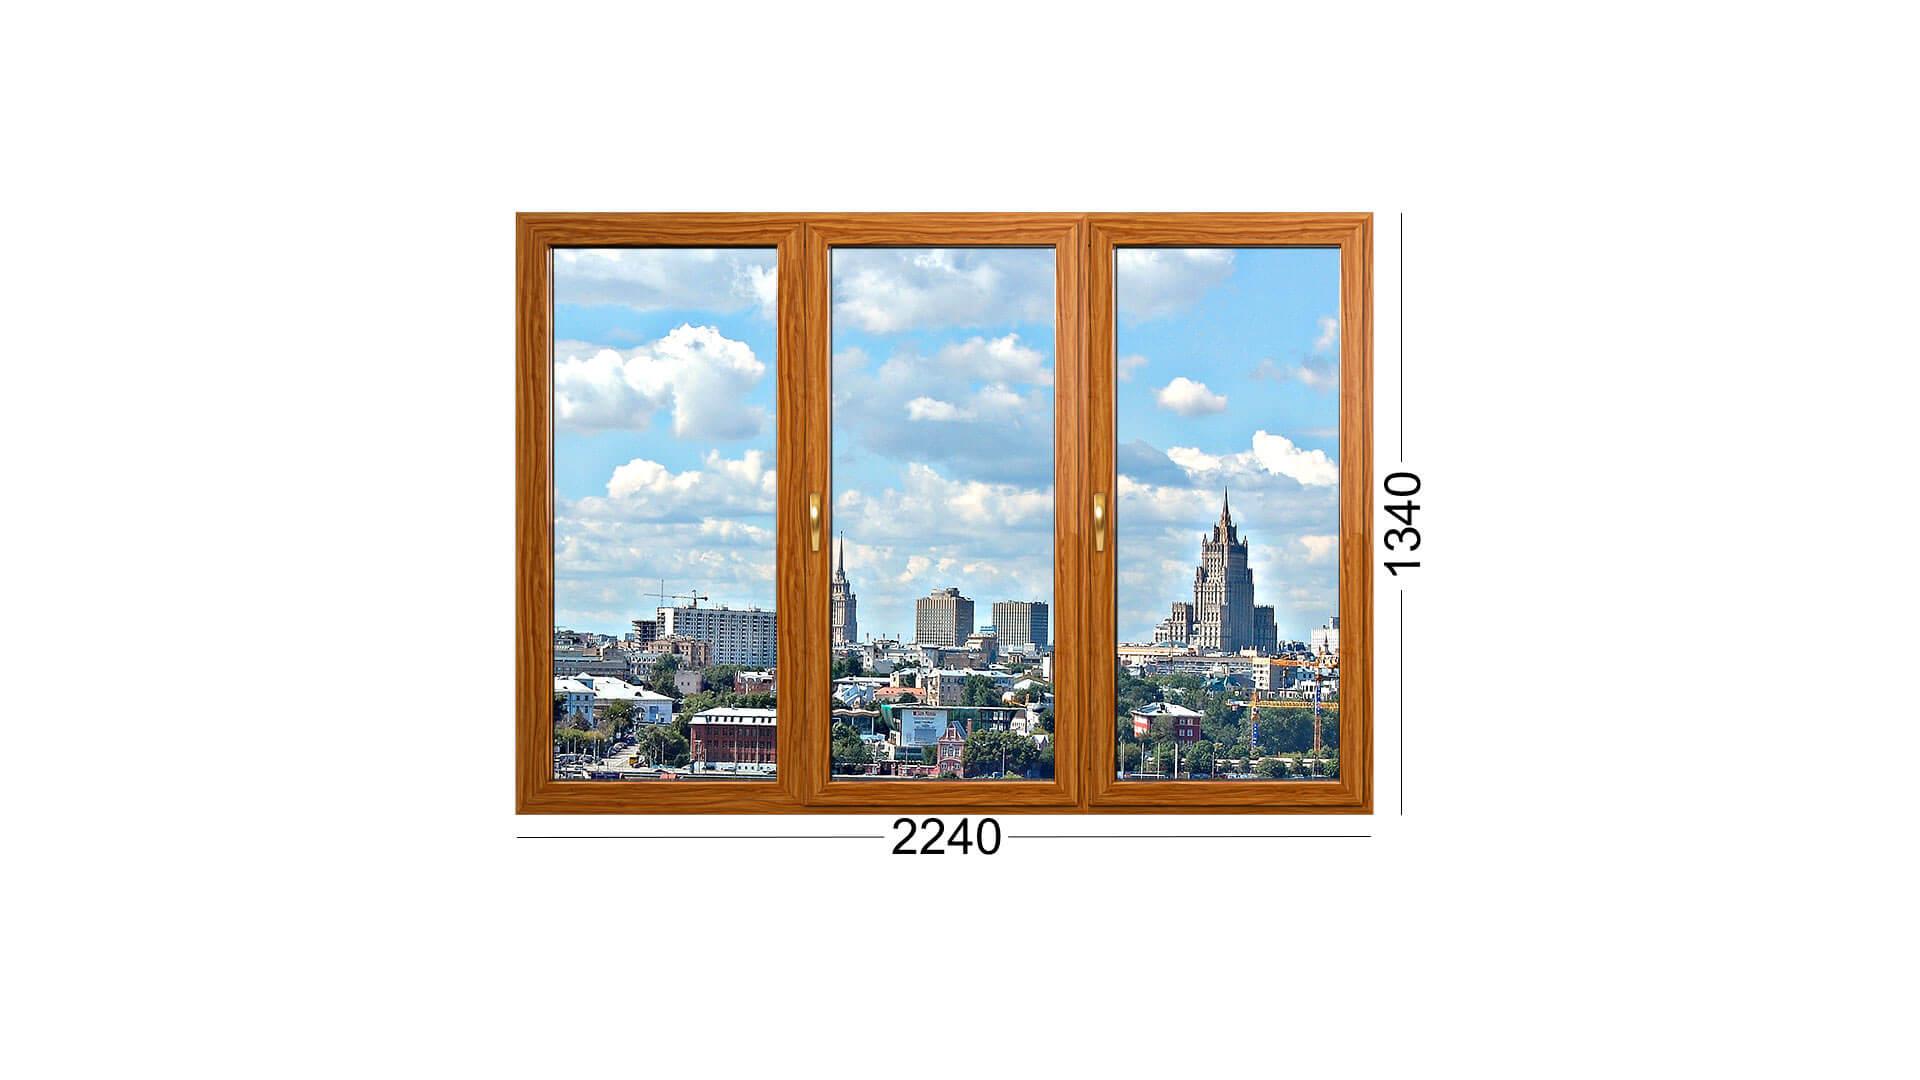 окно деревянное в лоджии дома И-522 с тремя створками, остекление от Инвуд в Москве